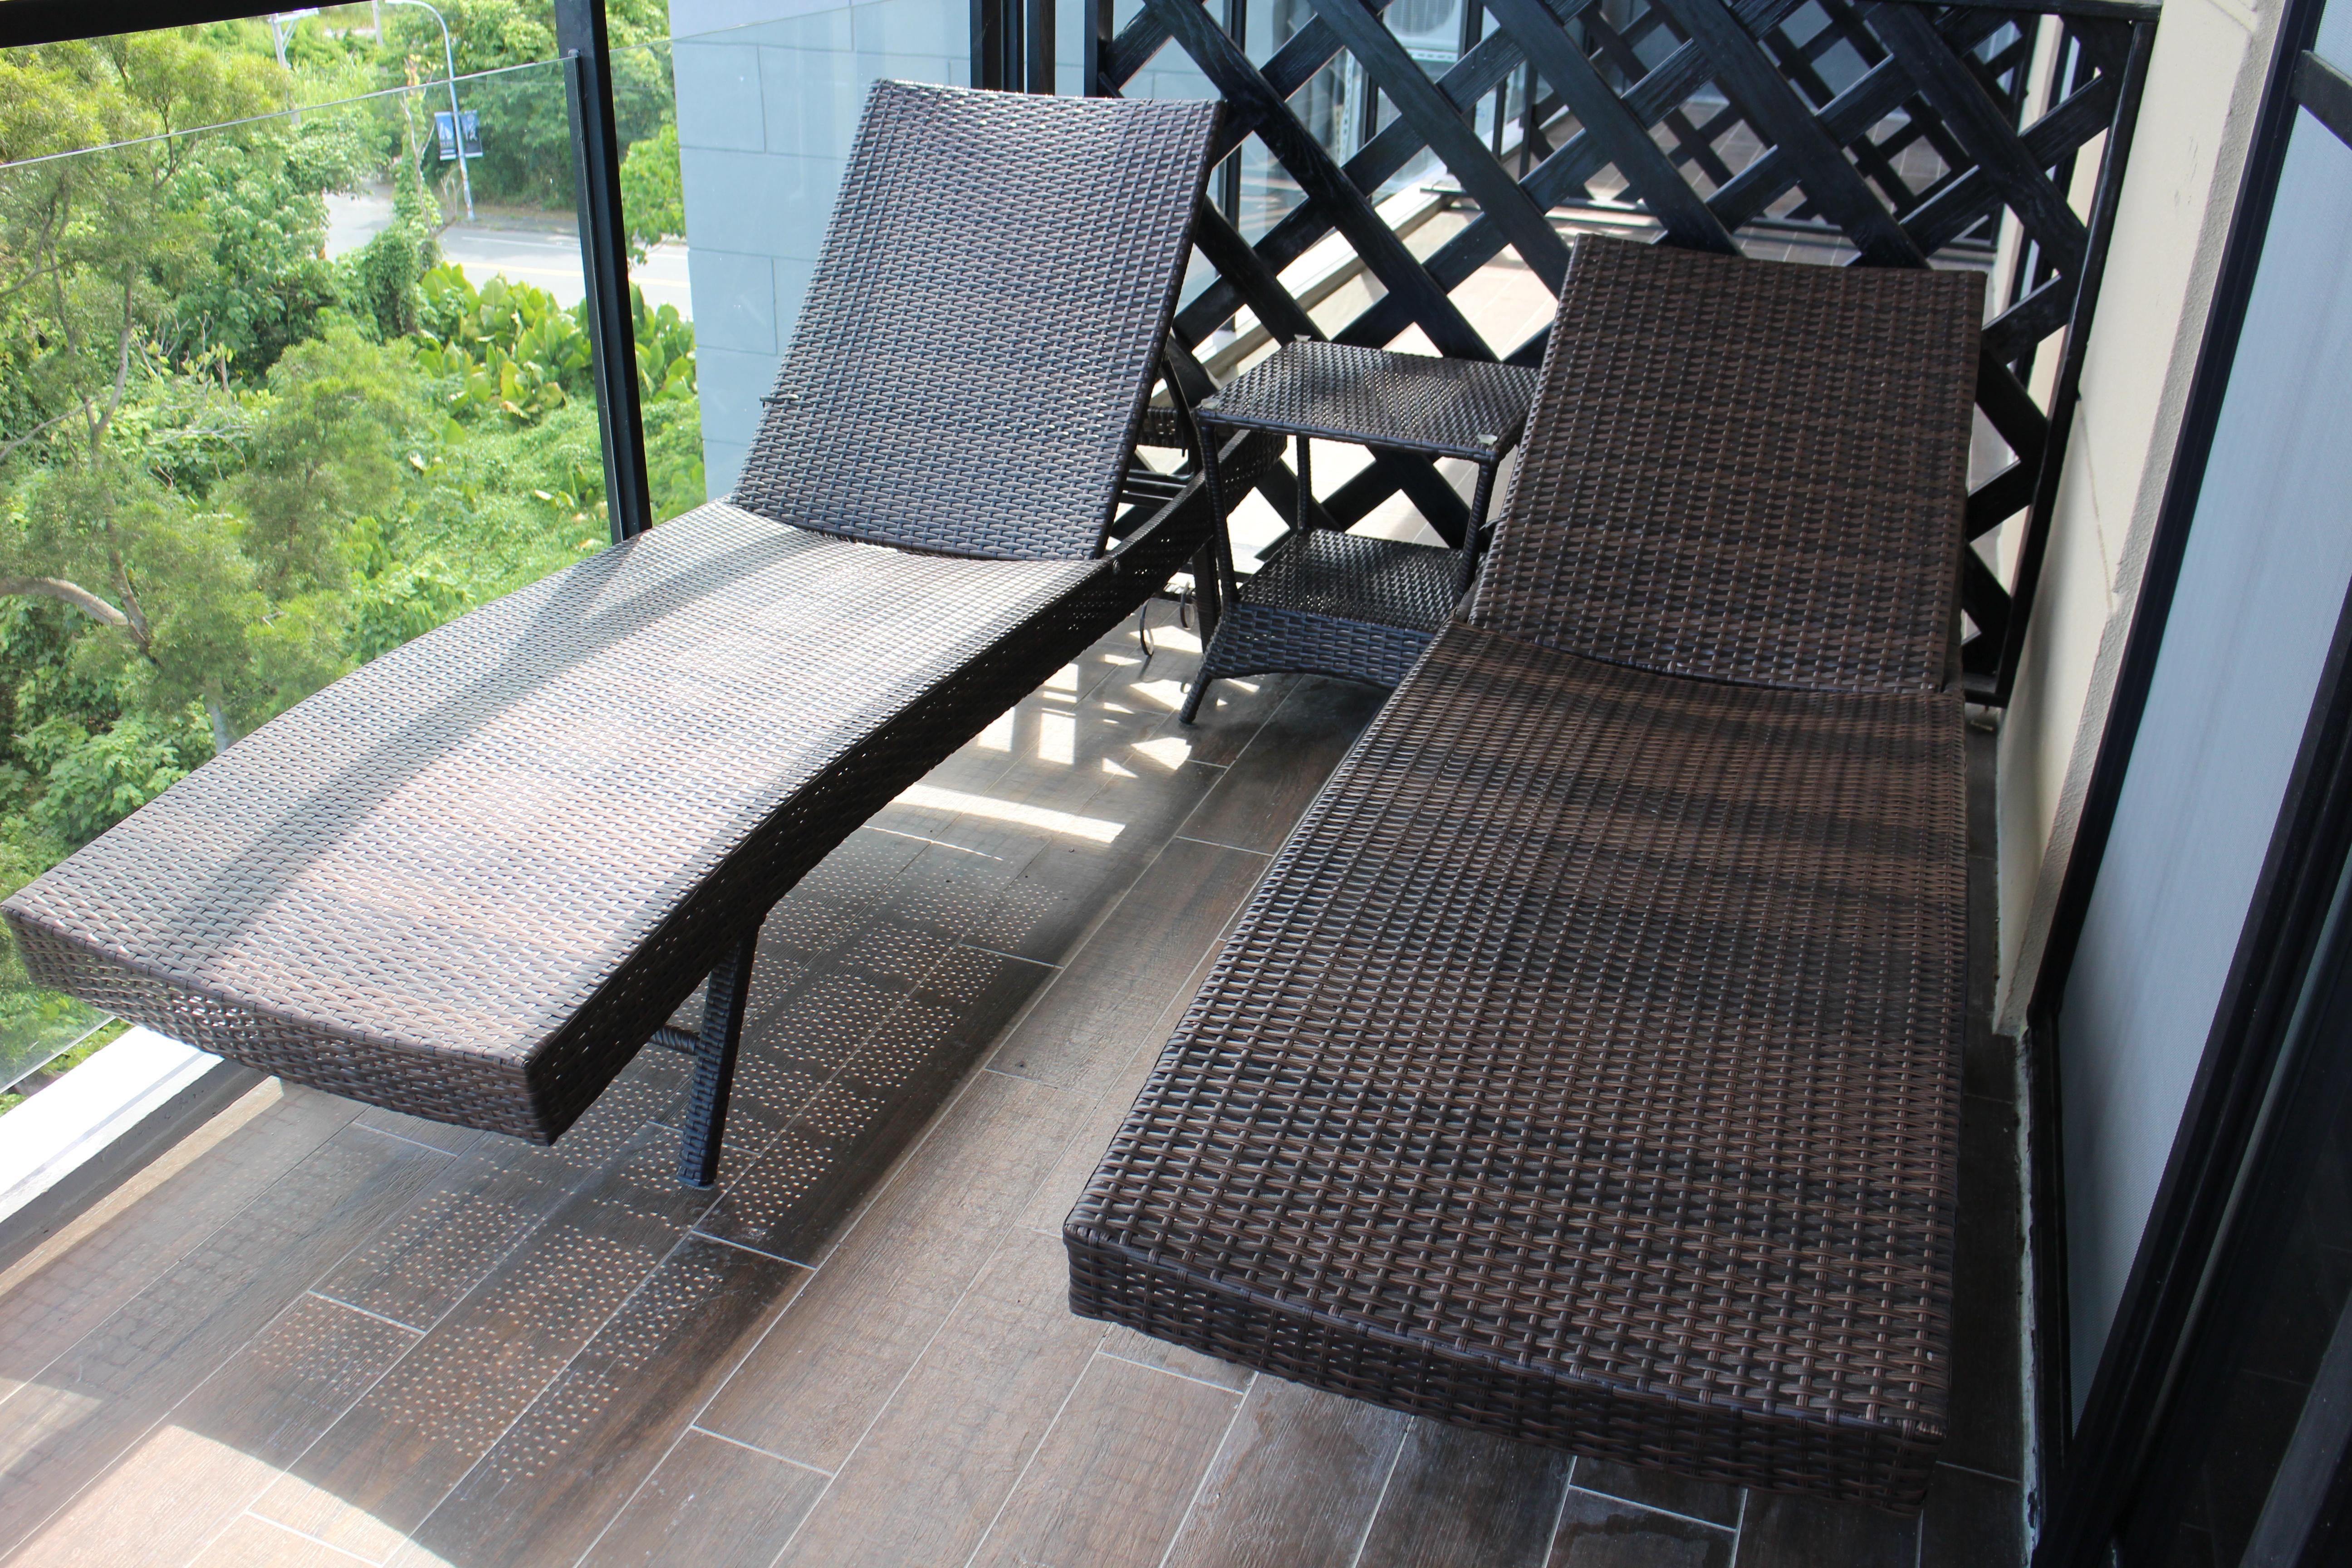 躺椅、座椅無指定隨機安排